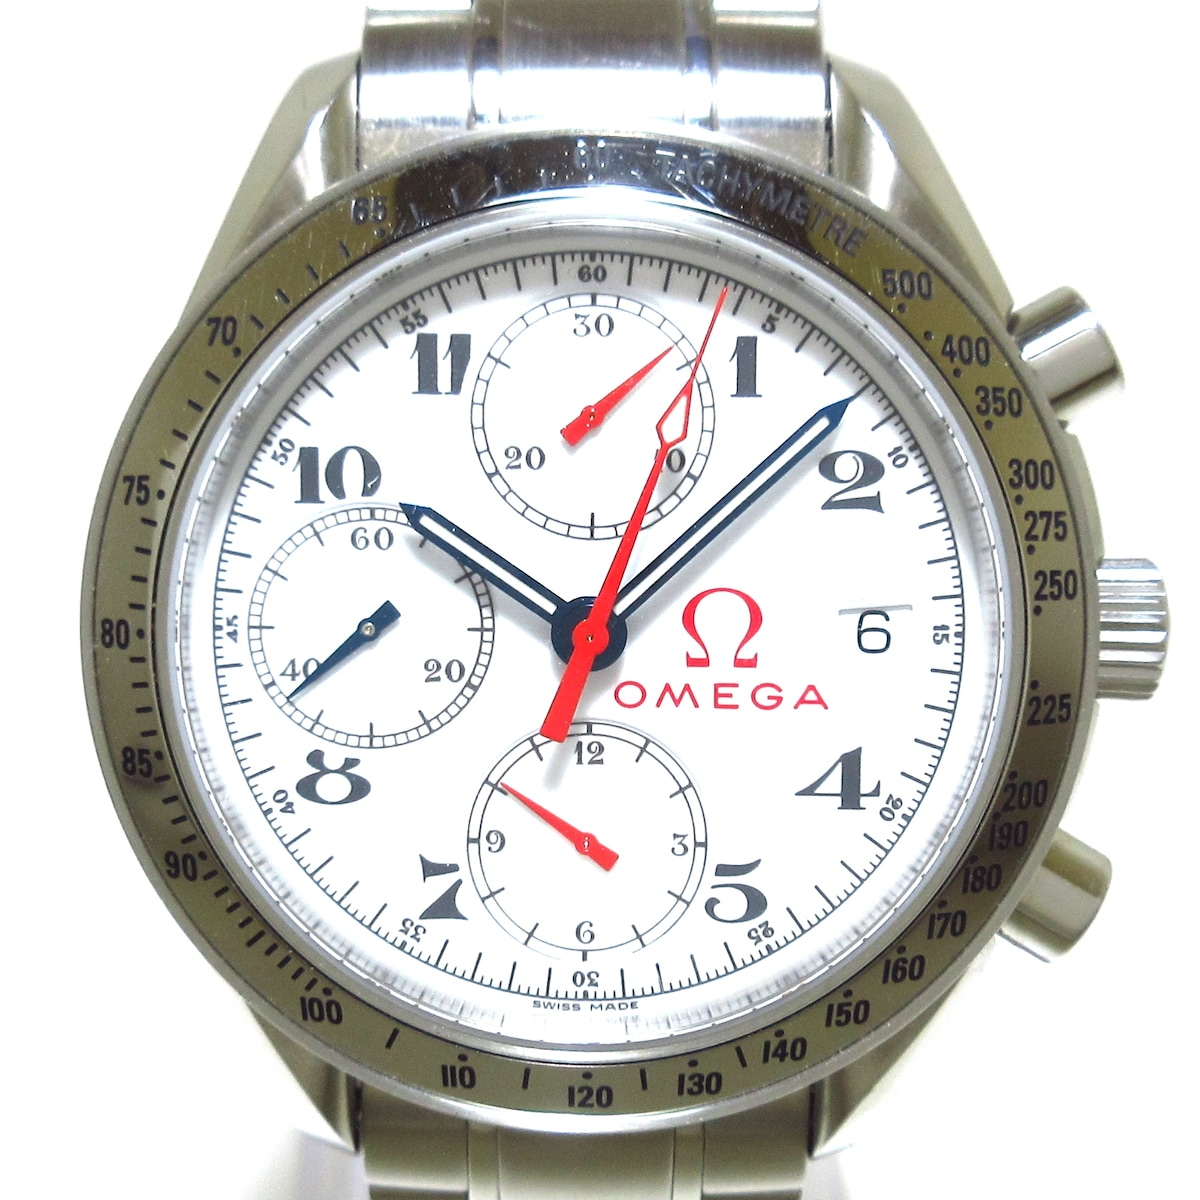 OMEGA(オメガ)のスピードマスターデイト